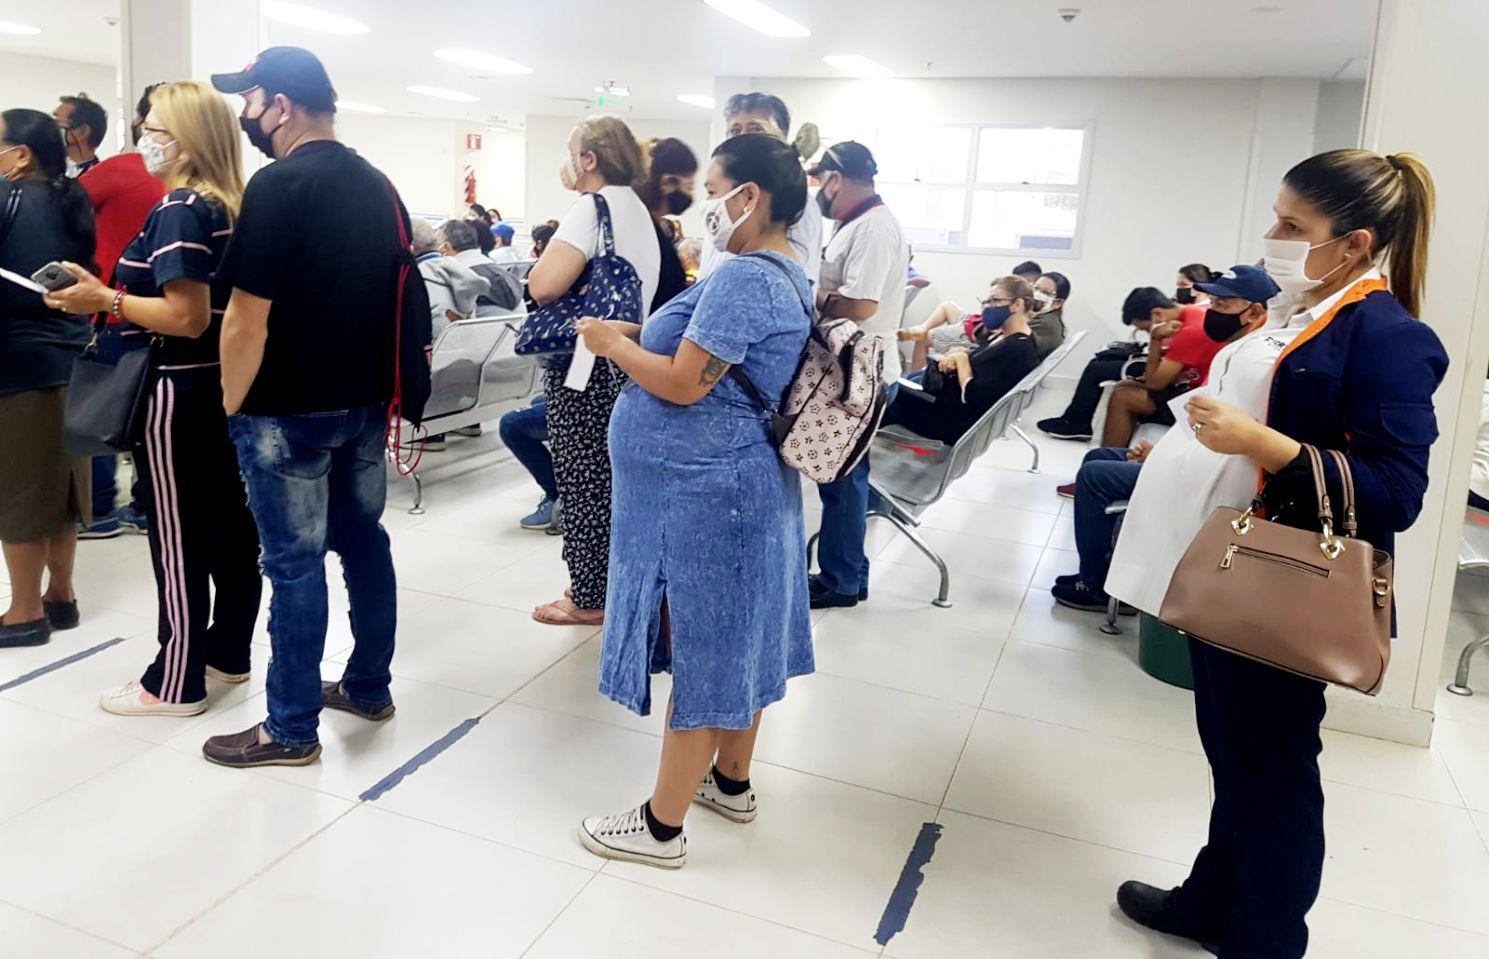 Embarazadas, pese a su condición formaban fila paradas desde temprano, ayer, en el Hospital central del IPS. Era con intención de sacar un turno para acceder a una consulta médica.